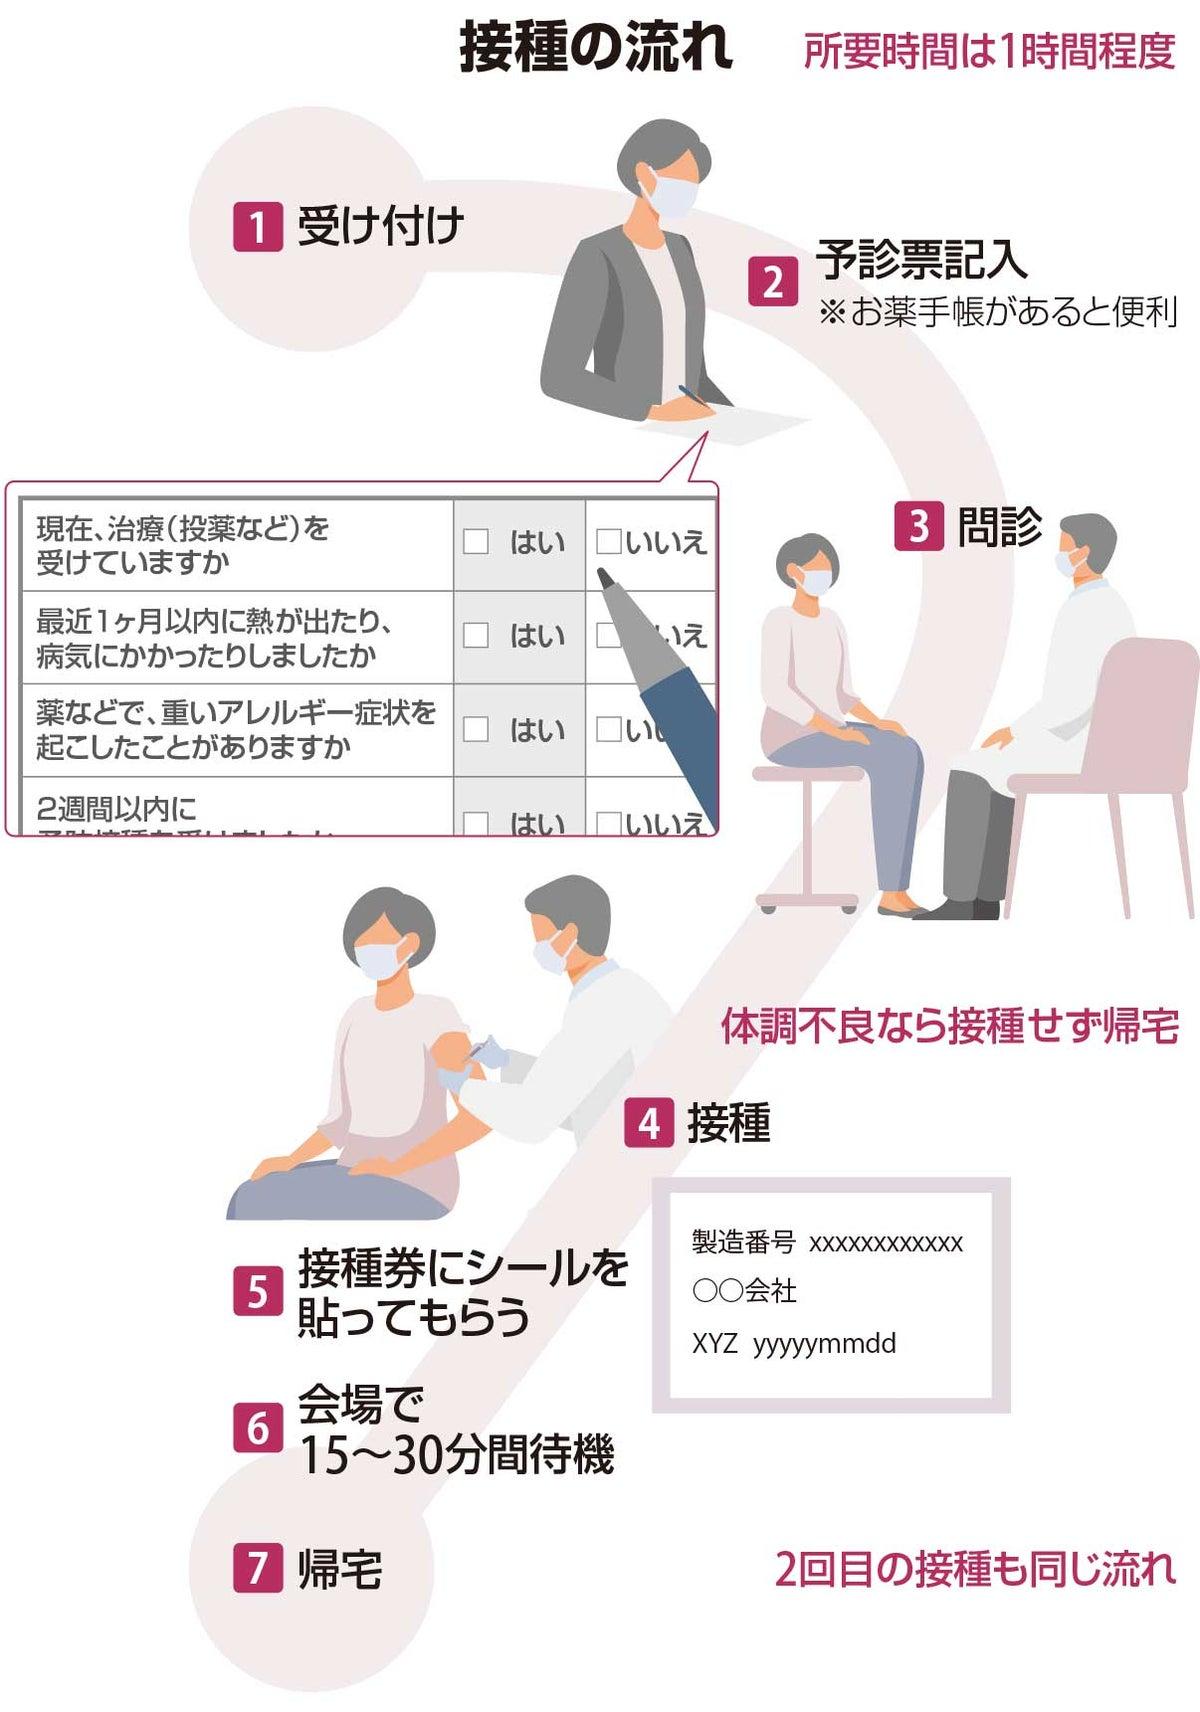 接種の流れ。所要時間は1時間程度。受付、予診票記入(お薬手帳があると便利)、問診、接種、接種券にシールを貼ってもらう、会場で15〜30分待機、帰宅。2回目の接種も同じ流れ。